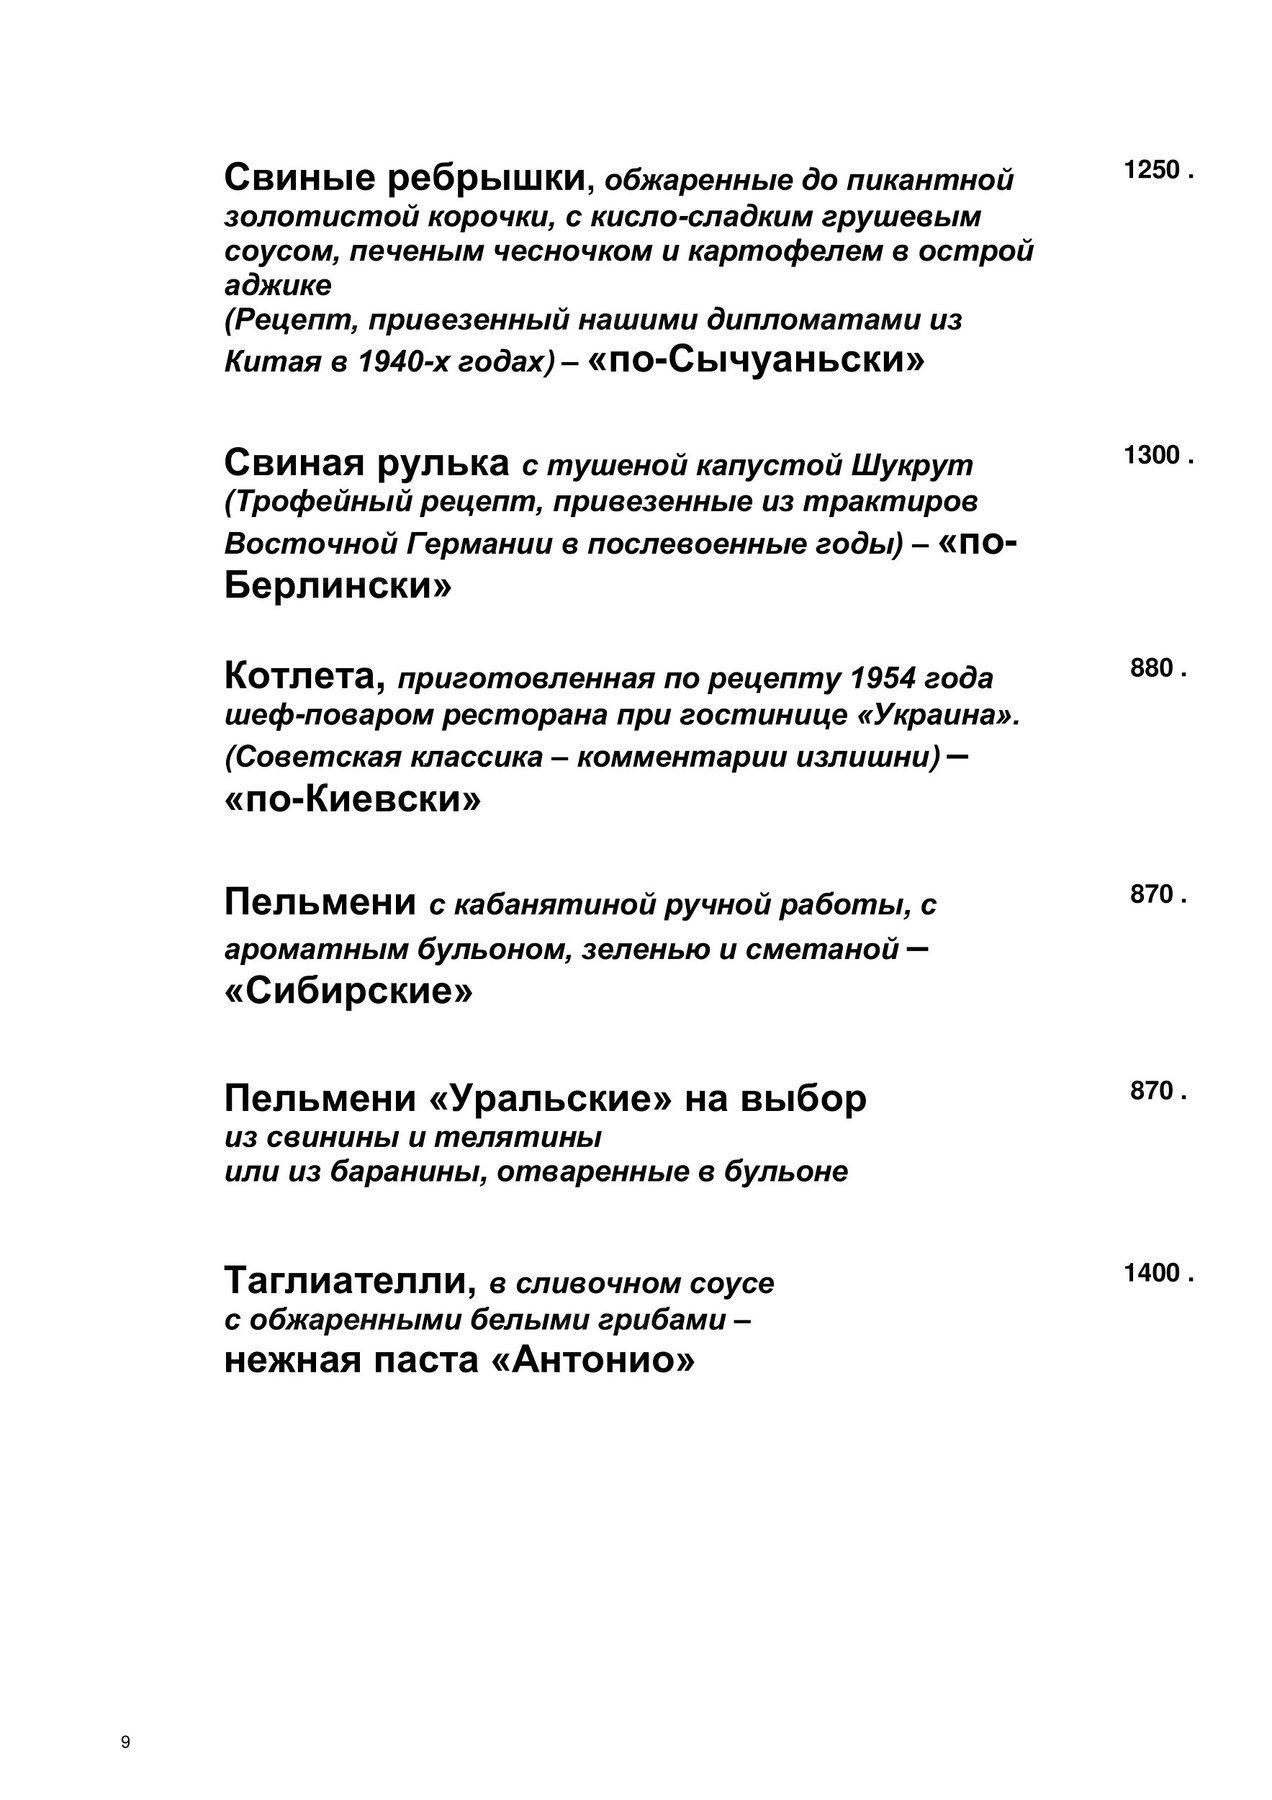 Меню ресторана Чёрная кошка на Воронцовской улице фото 9